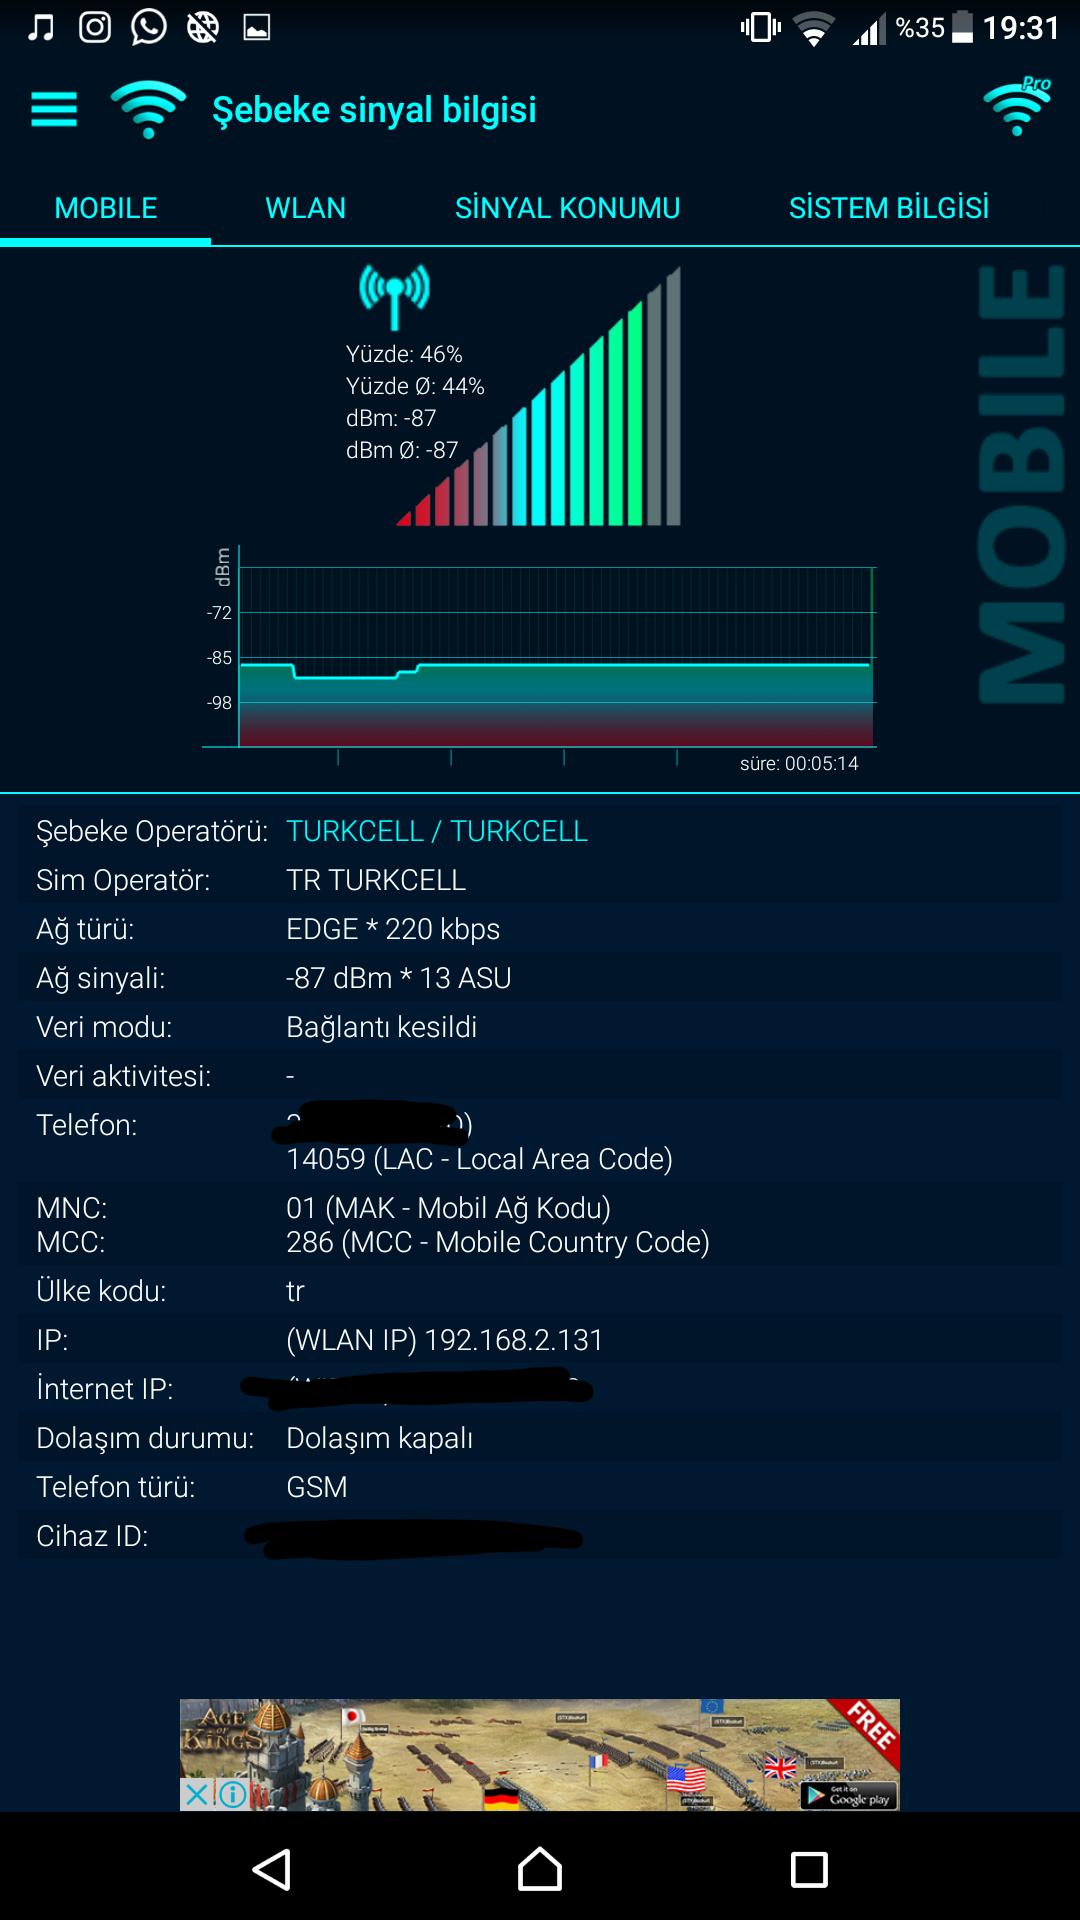 Sorunsuz xa ultramdan son güncellemeden sonra 4g 3g ve 2gde sinyal testi